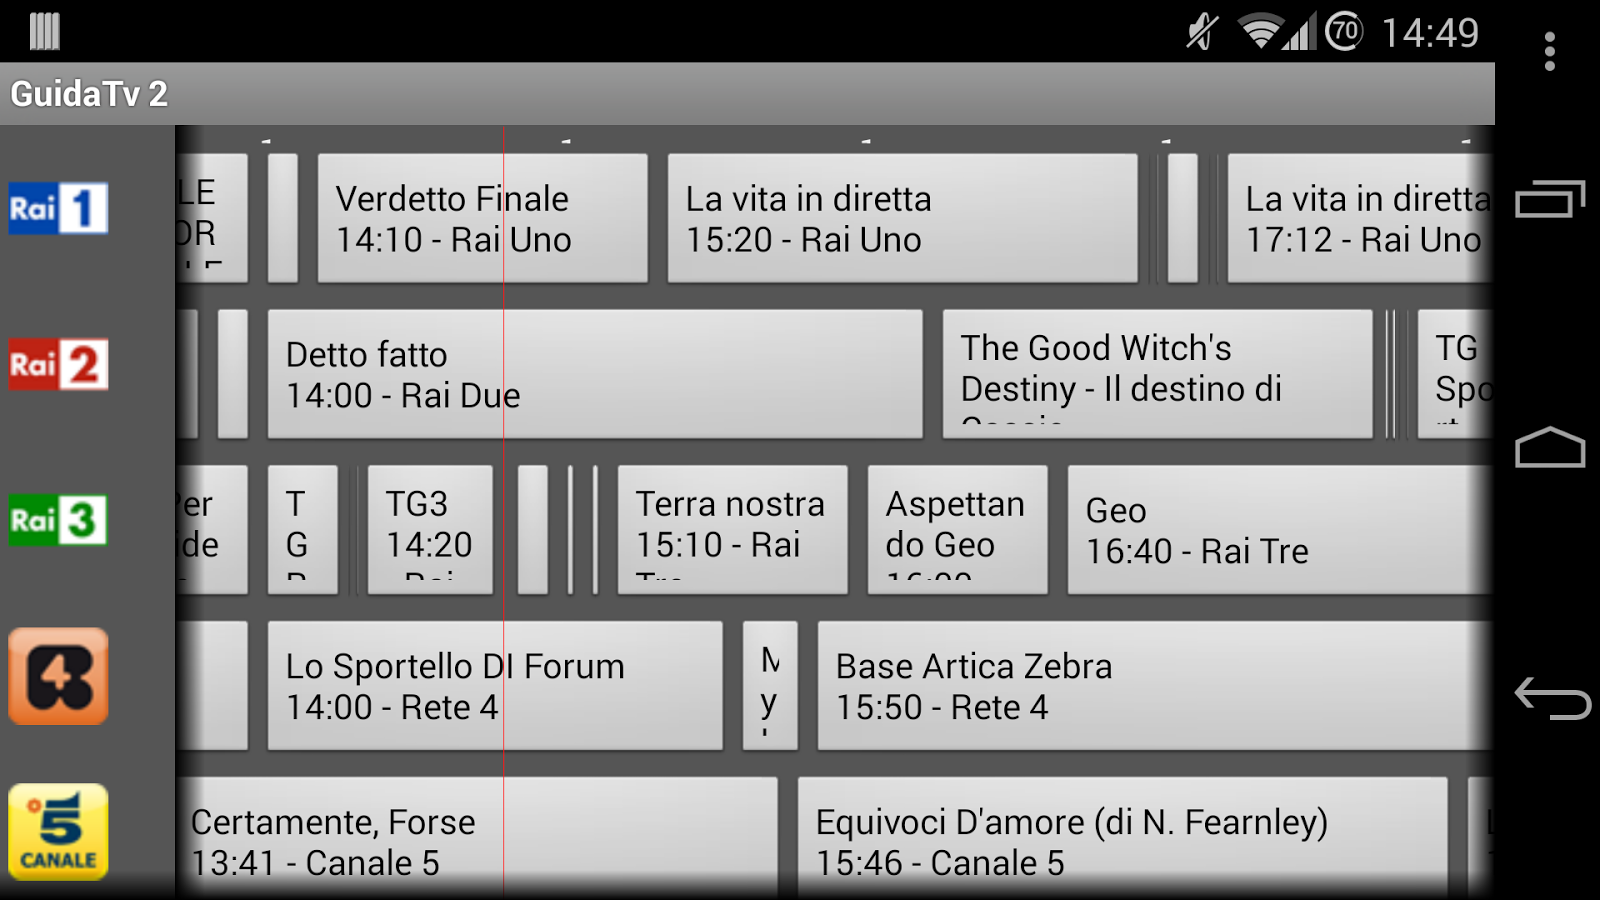 Guida Tv Donazione - screenshot